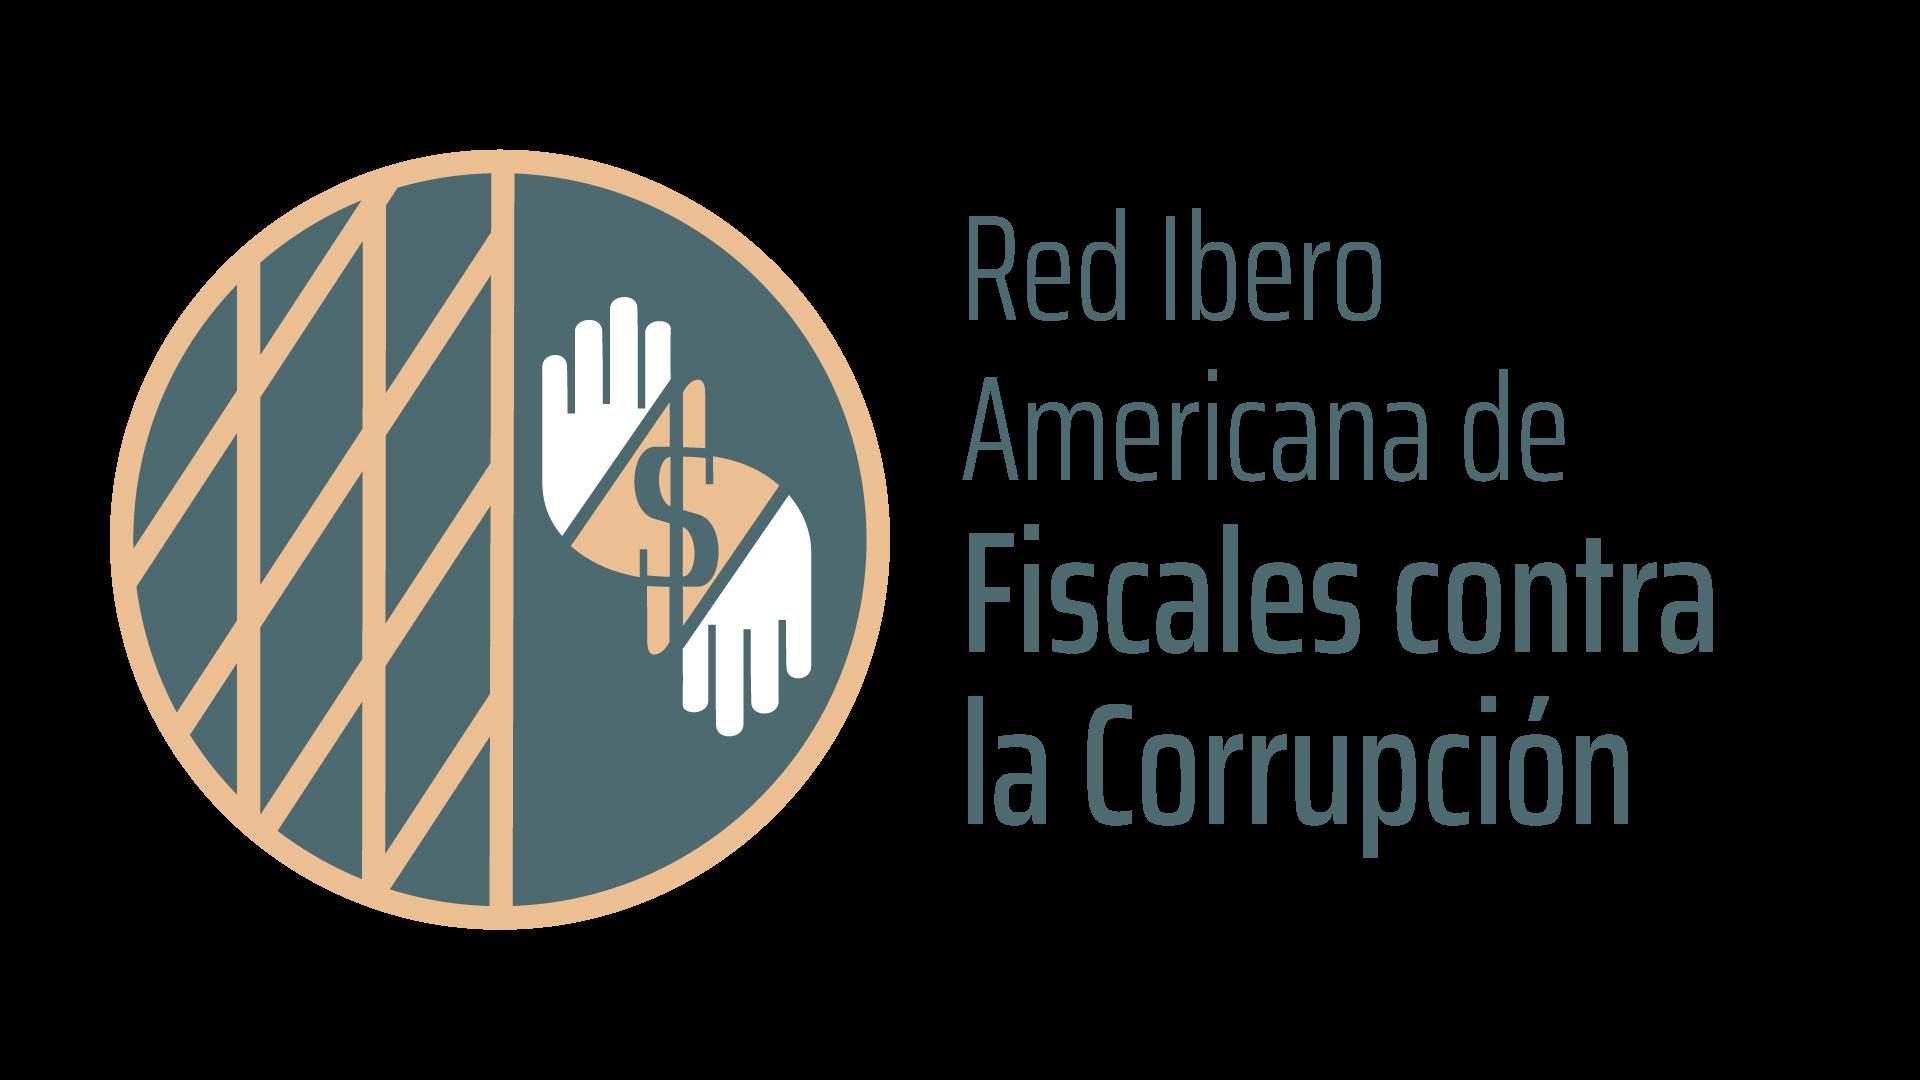 II Encuentro de la Red Iberoamericana de Fiscales contra la corrupción